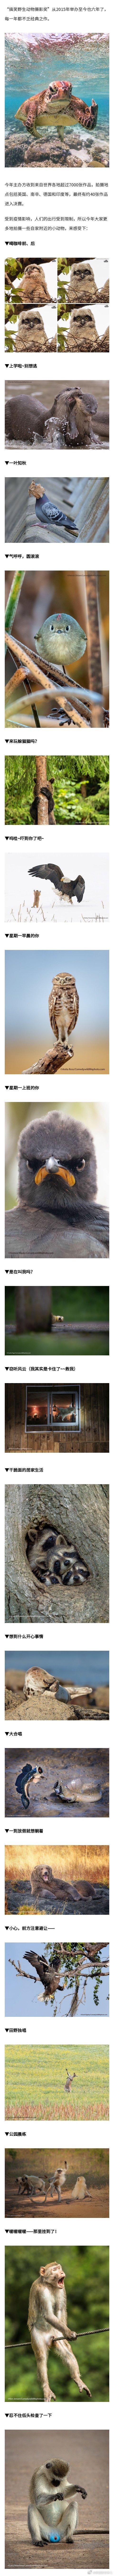 搞笑野生动物摄影奖,公布了今年的决赛作品